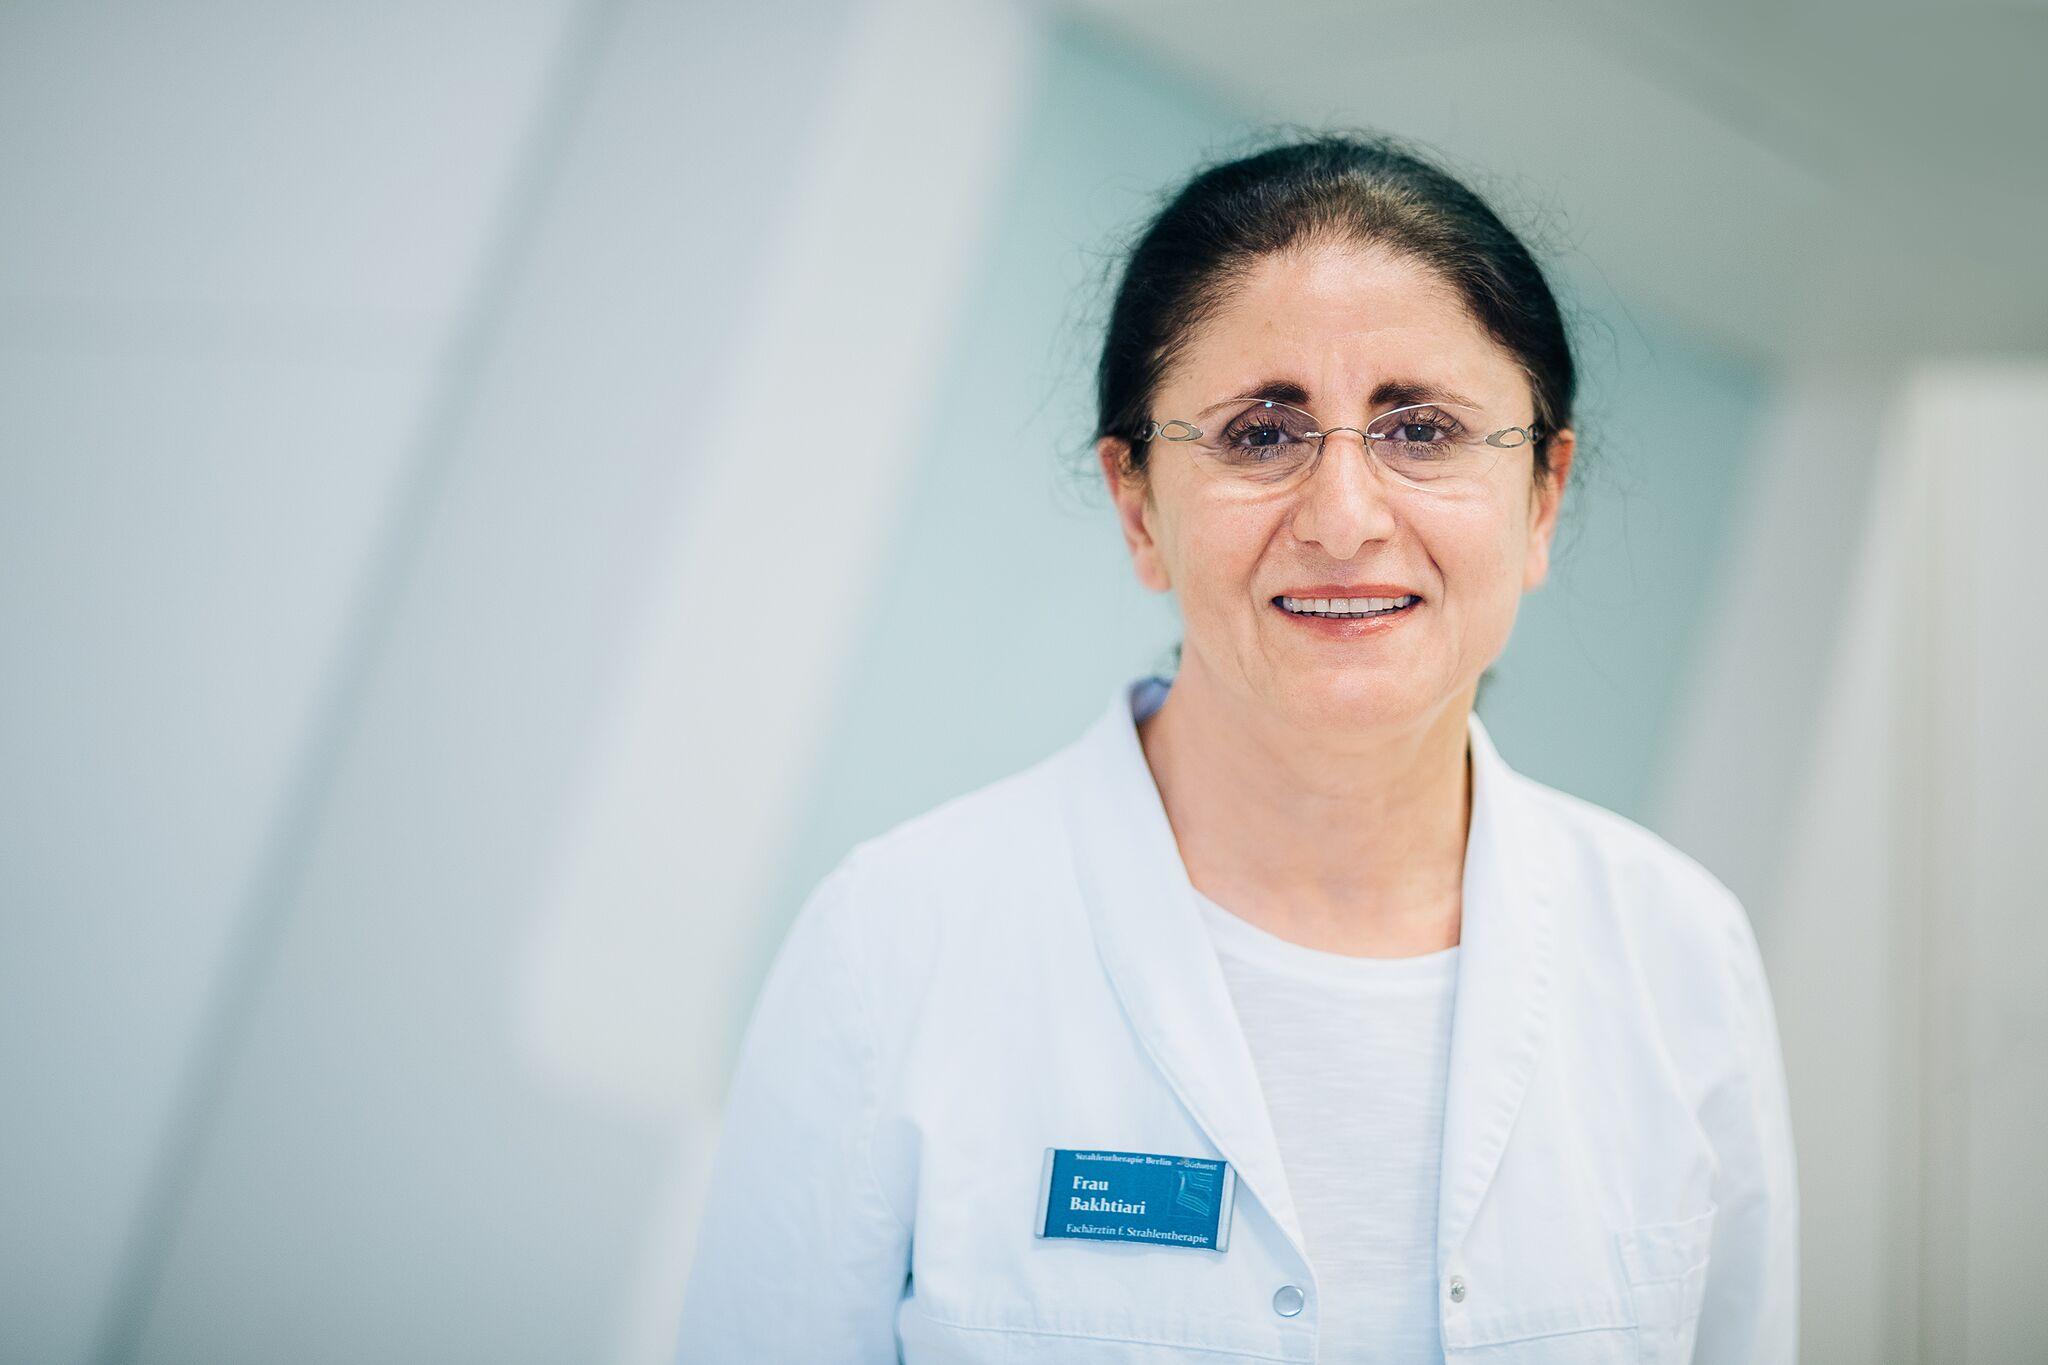 Soheila Bakhtiari